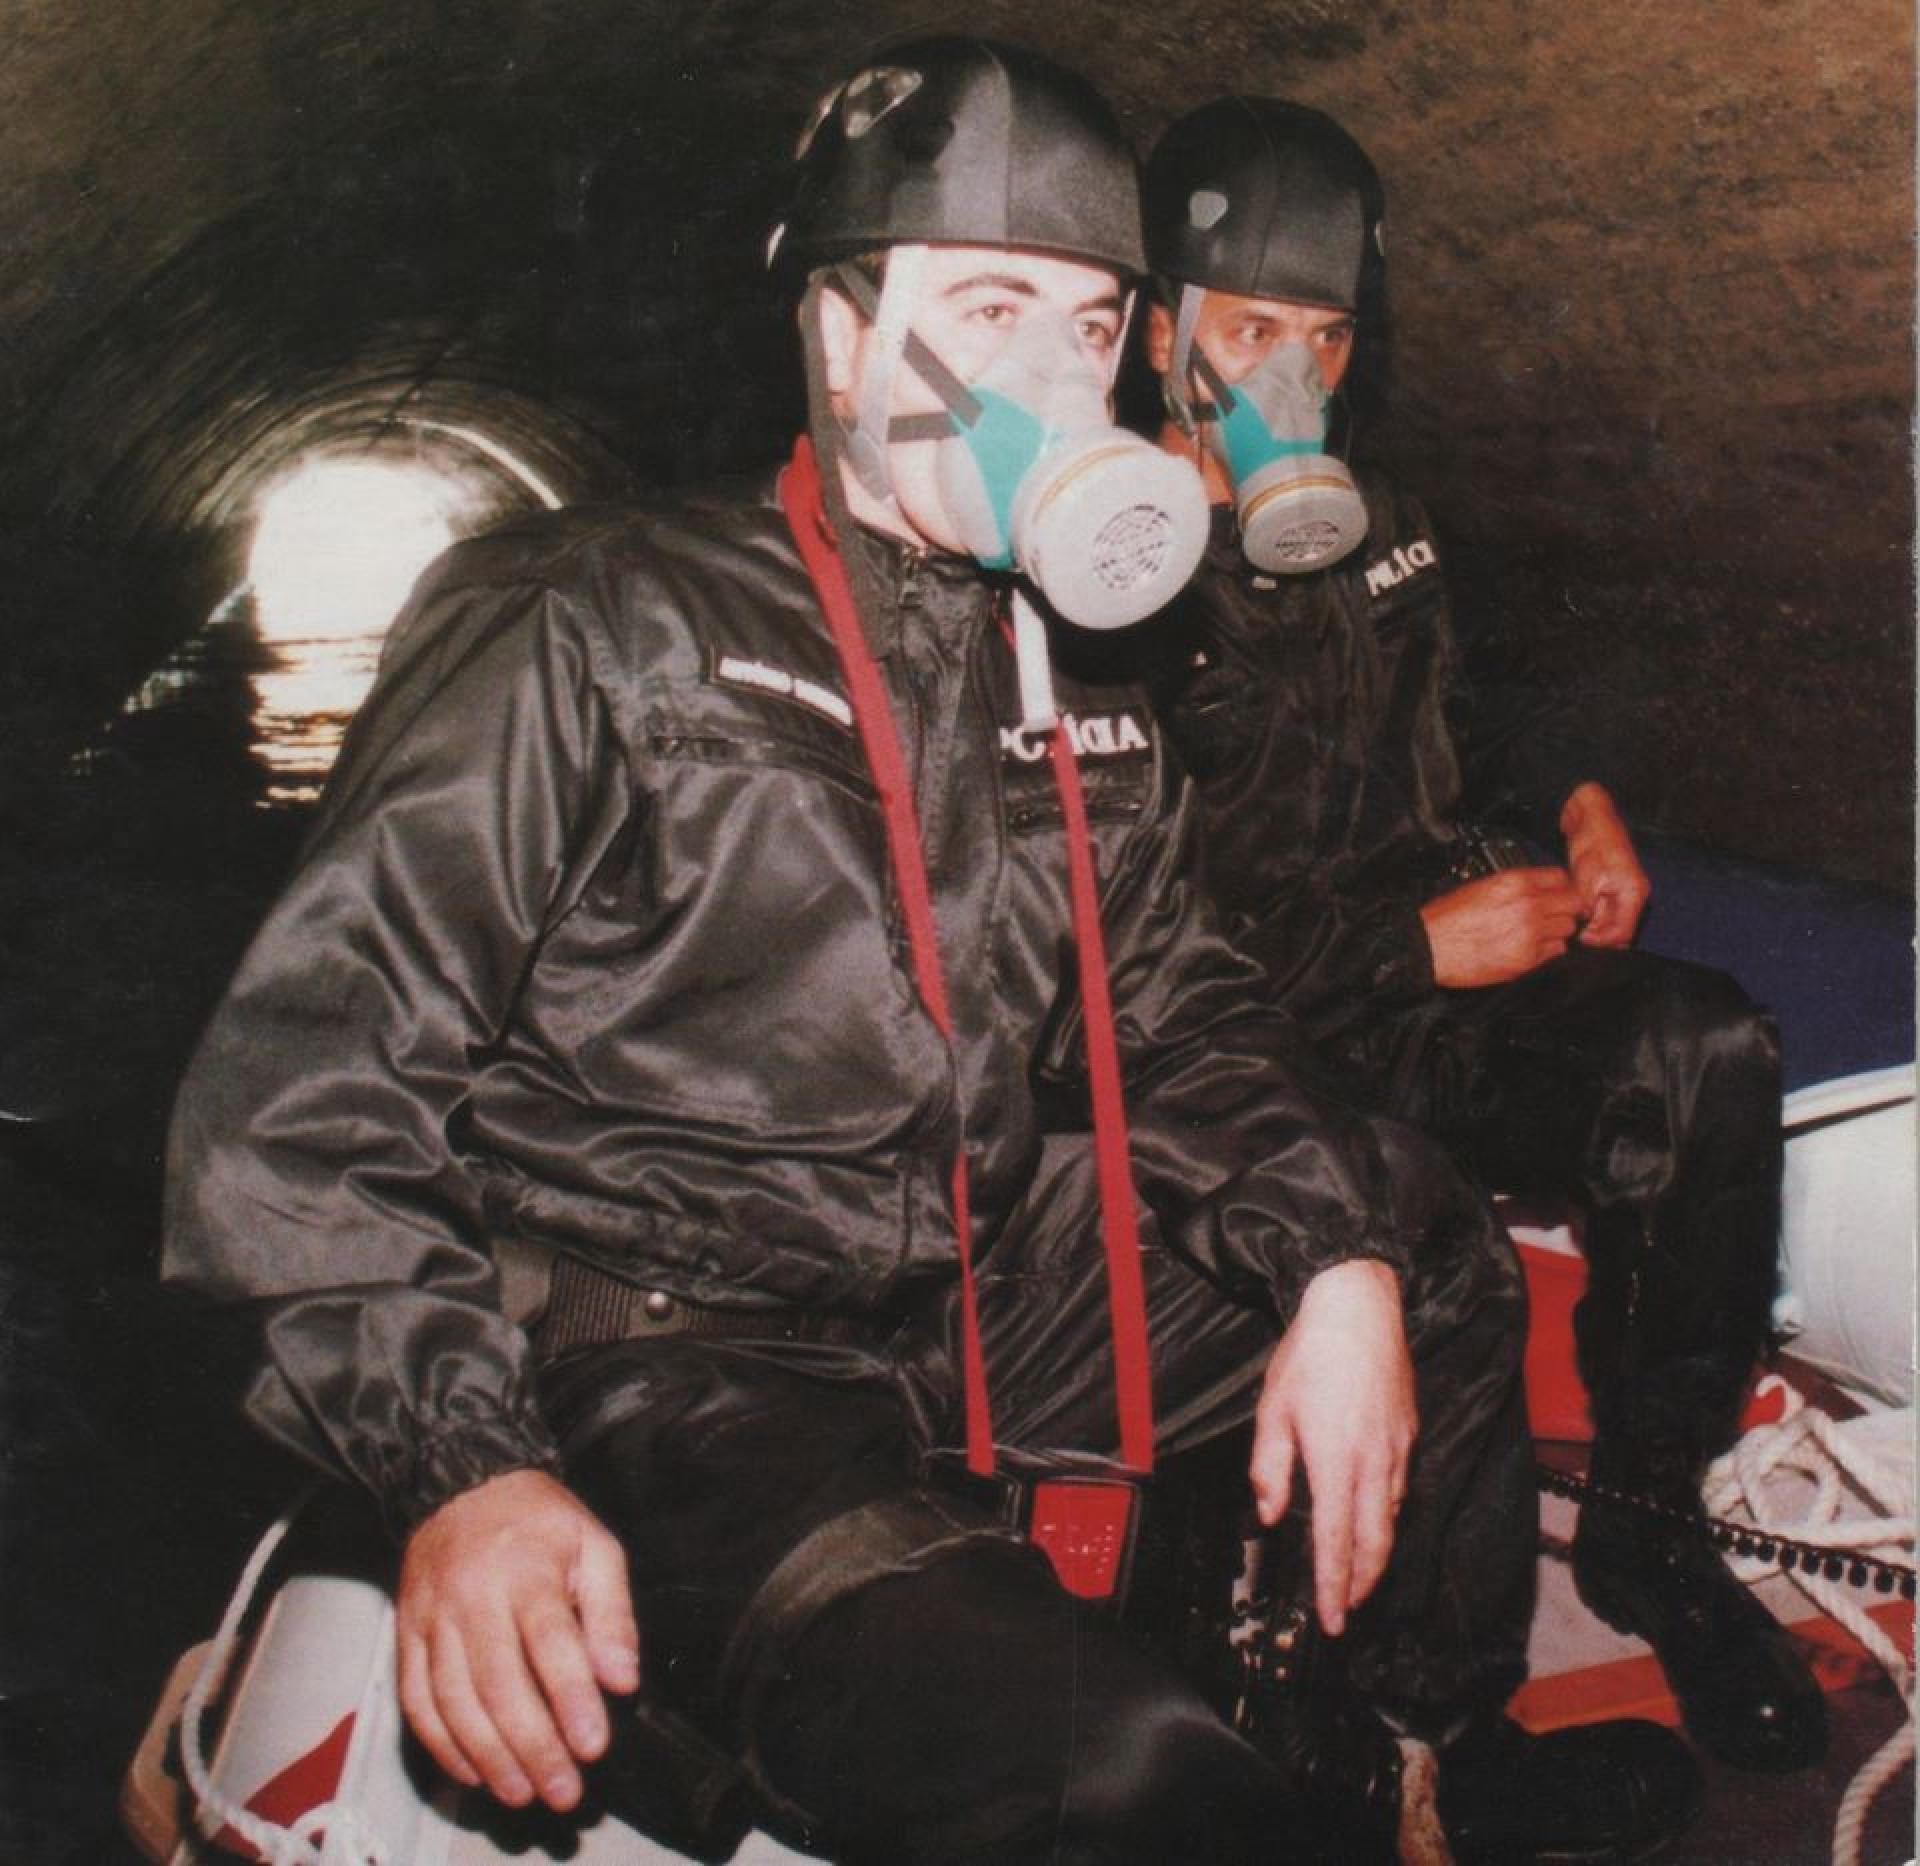 PSP recorda missões (especiais) para a Expo'98